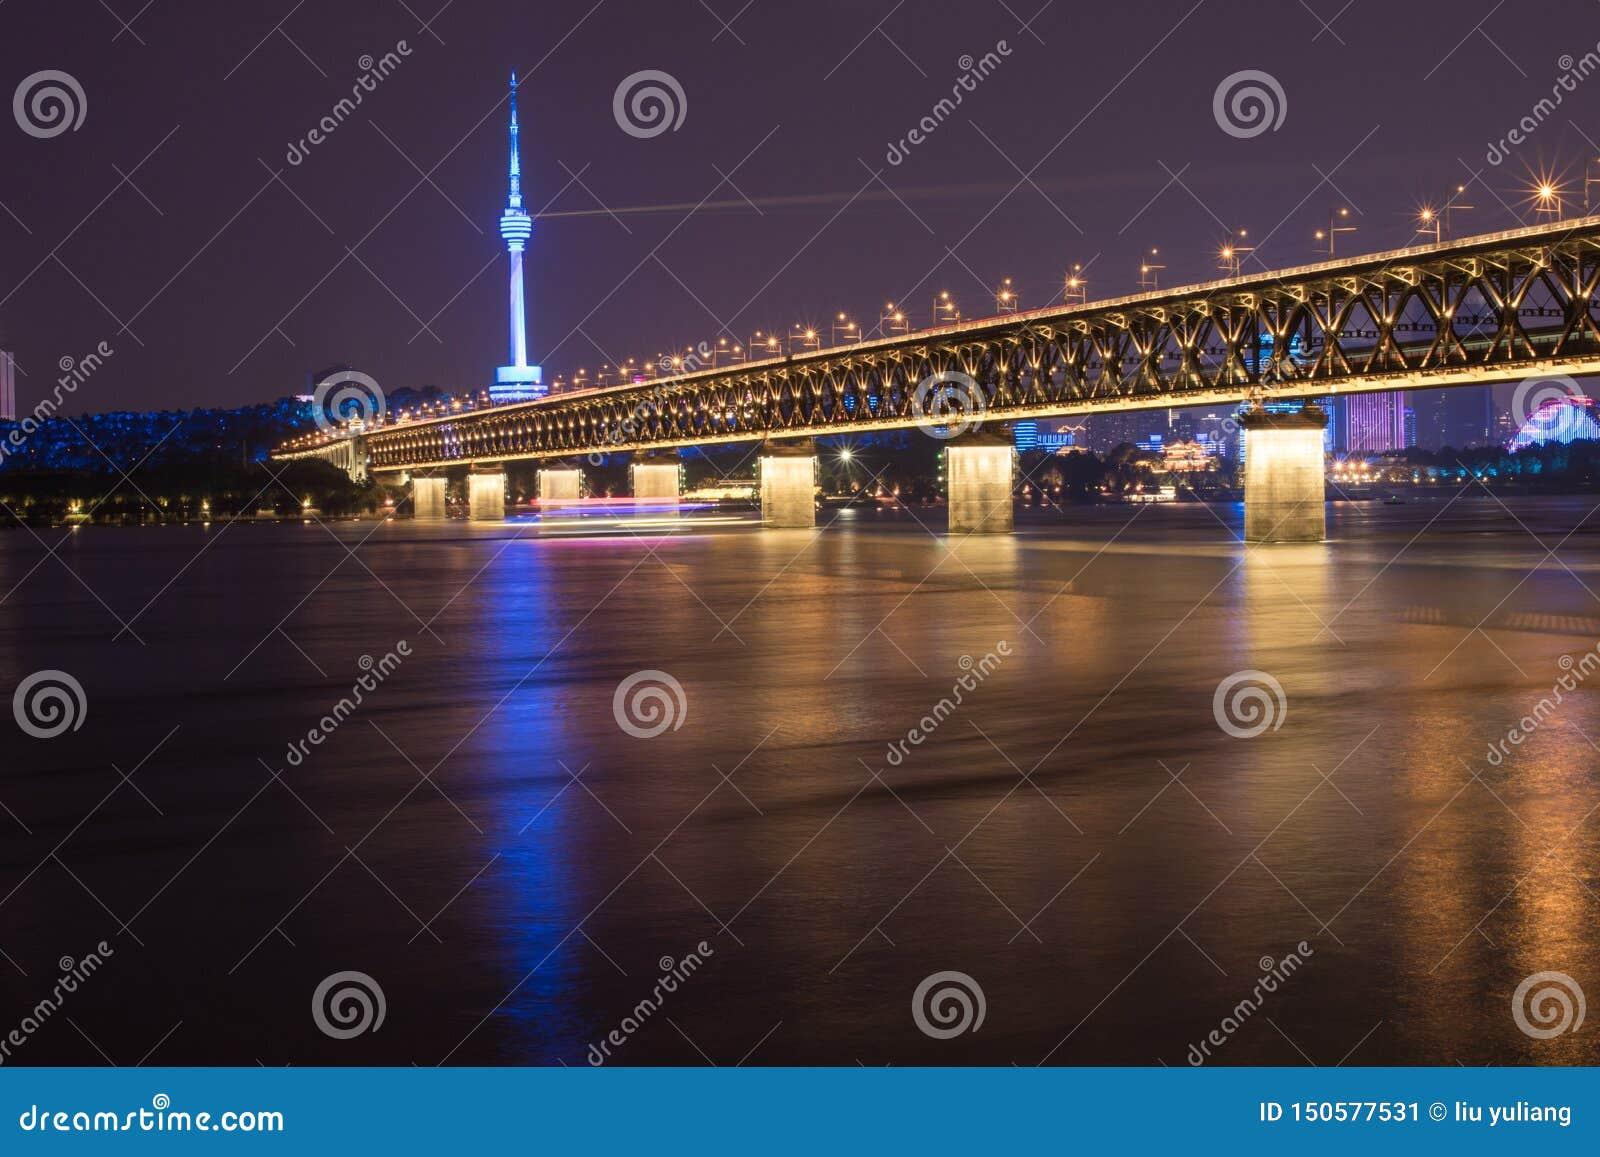 Nachtansicht der der Jangtse-Brücke in Wuhan, Hubei, China, Guishan Fernsehturm, der Jangtse